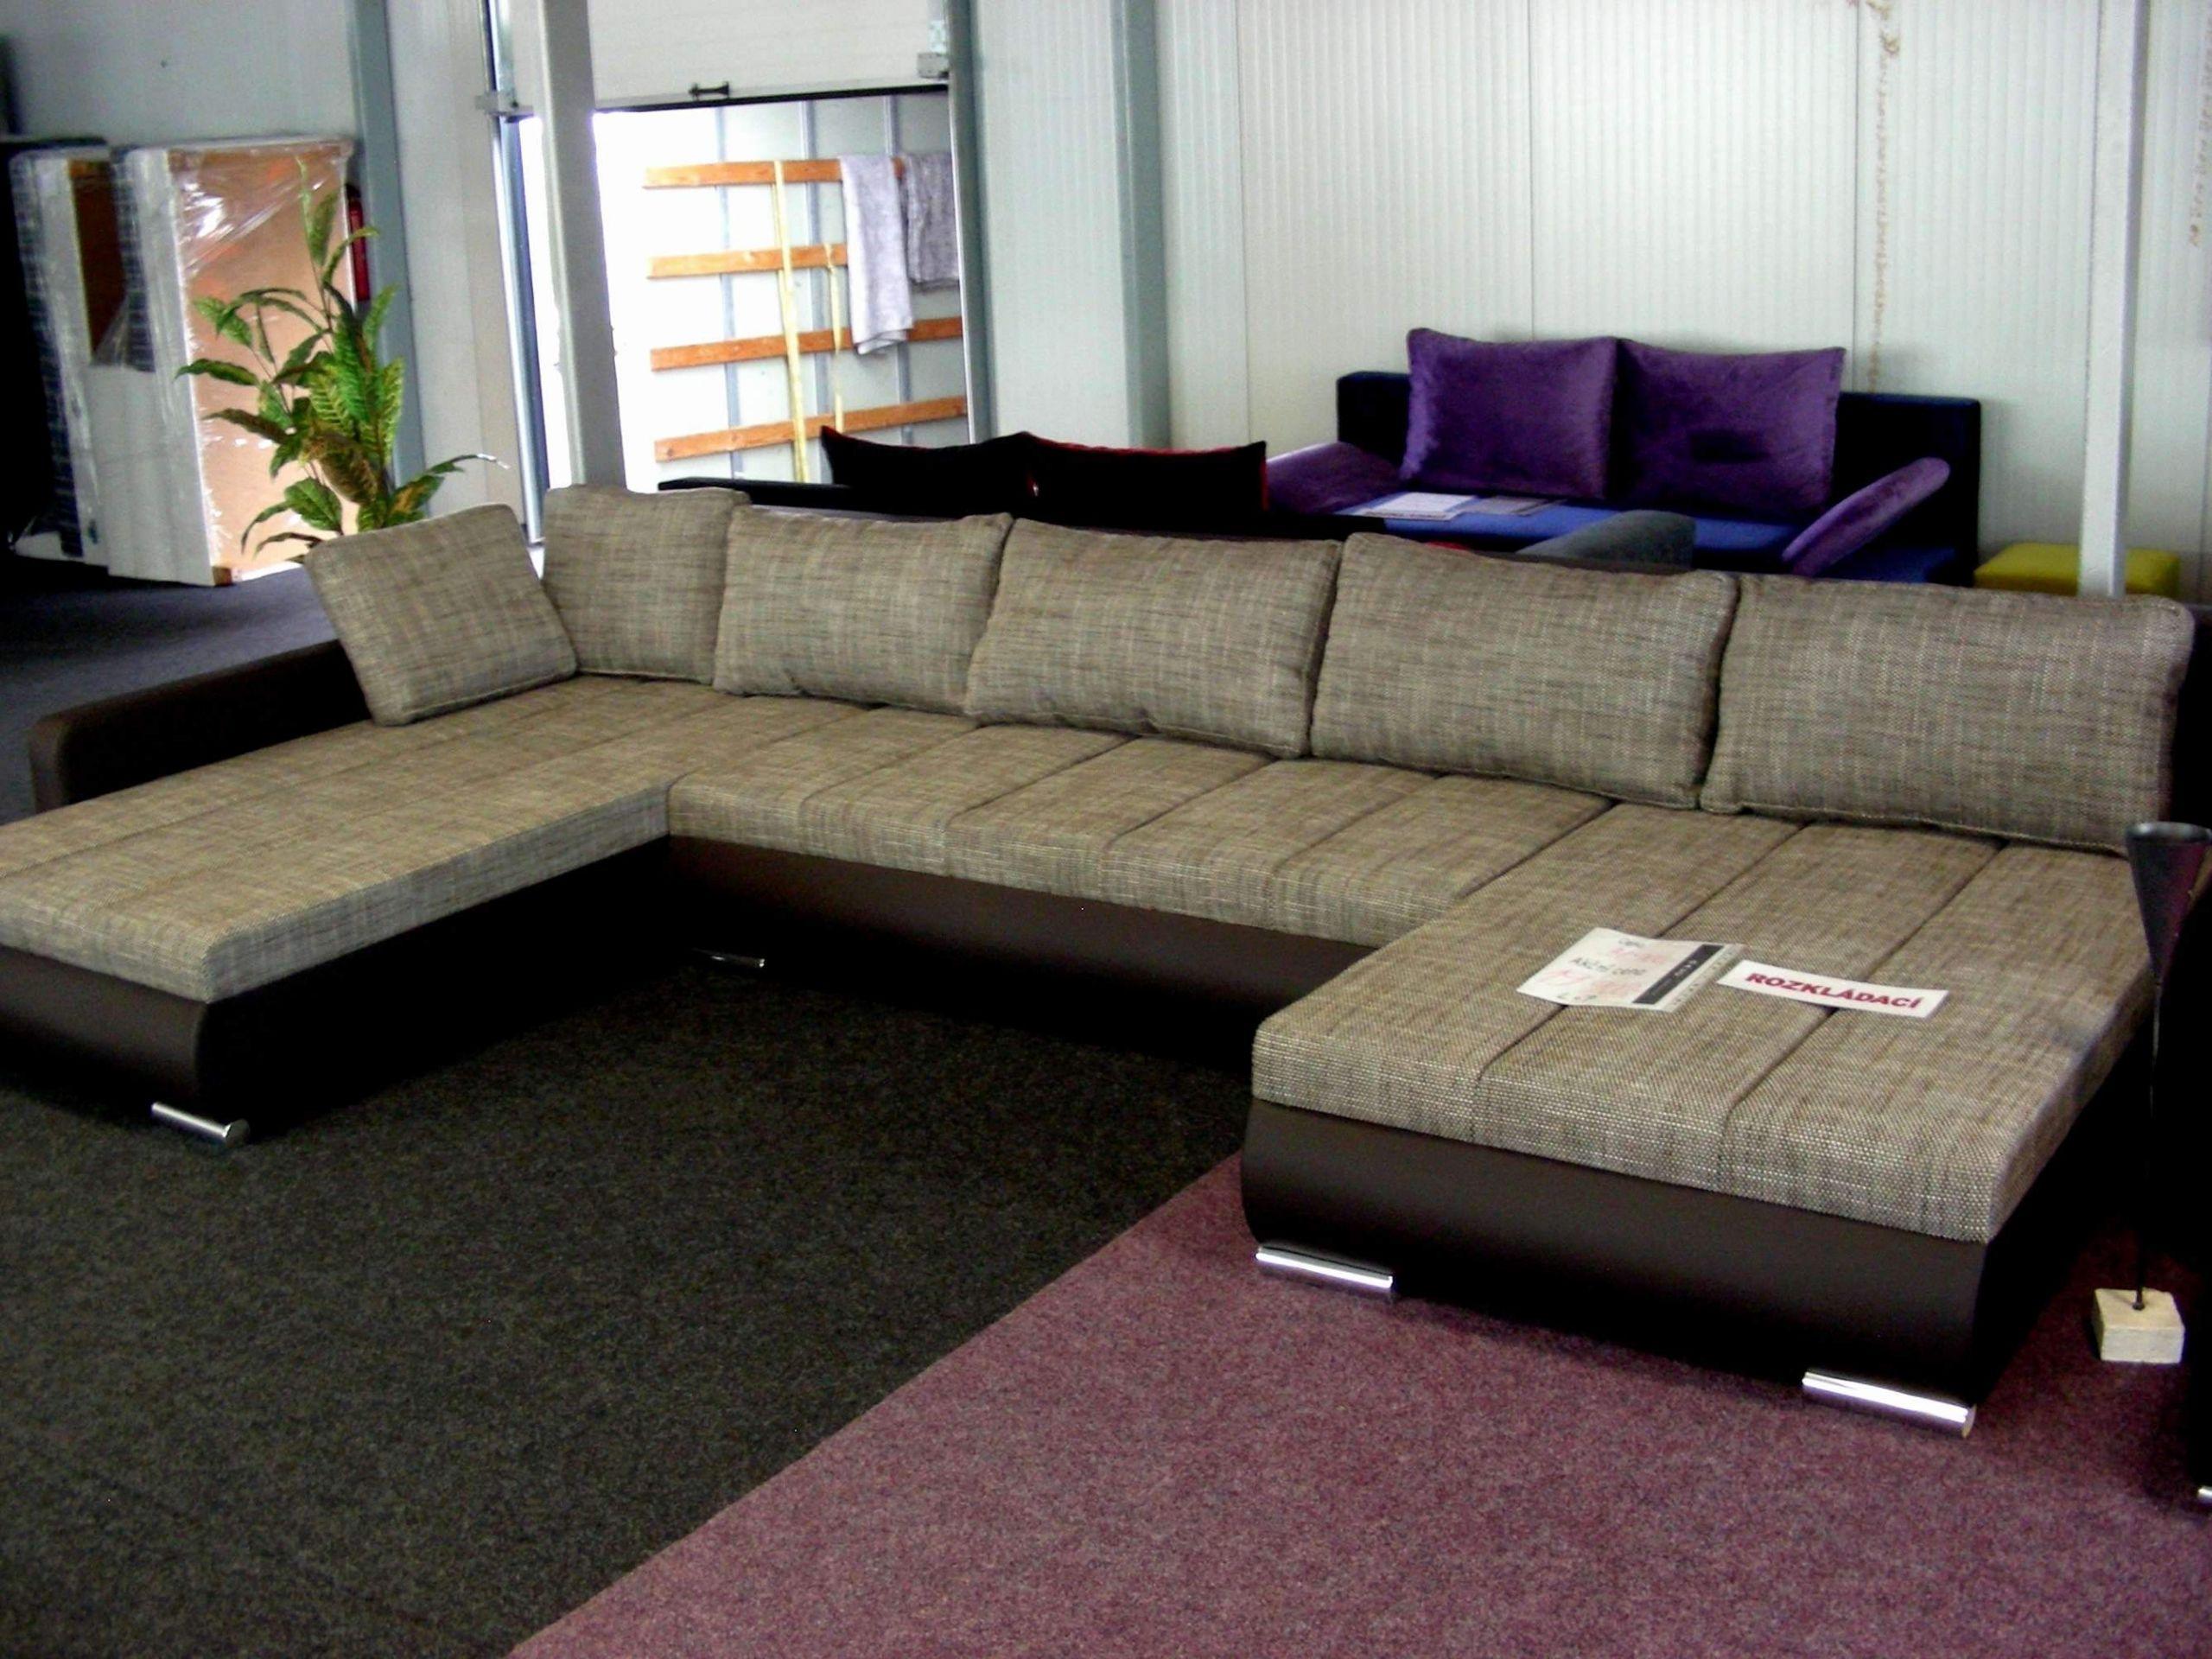 Full Size of Wanddeko Wohnzimmer 27 Luxus Holz Schn Frisch Relaxliege Tischlampe Vorhänge Deckenleuchten Teppich Sessel Küche Dekoration Led Beleuchtung Gardinen Wohnzimmer Wanddeko Wohnzimmer